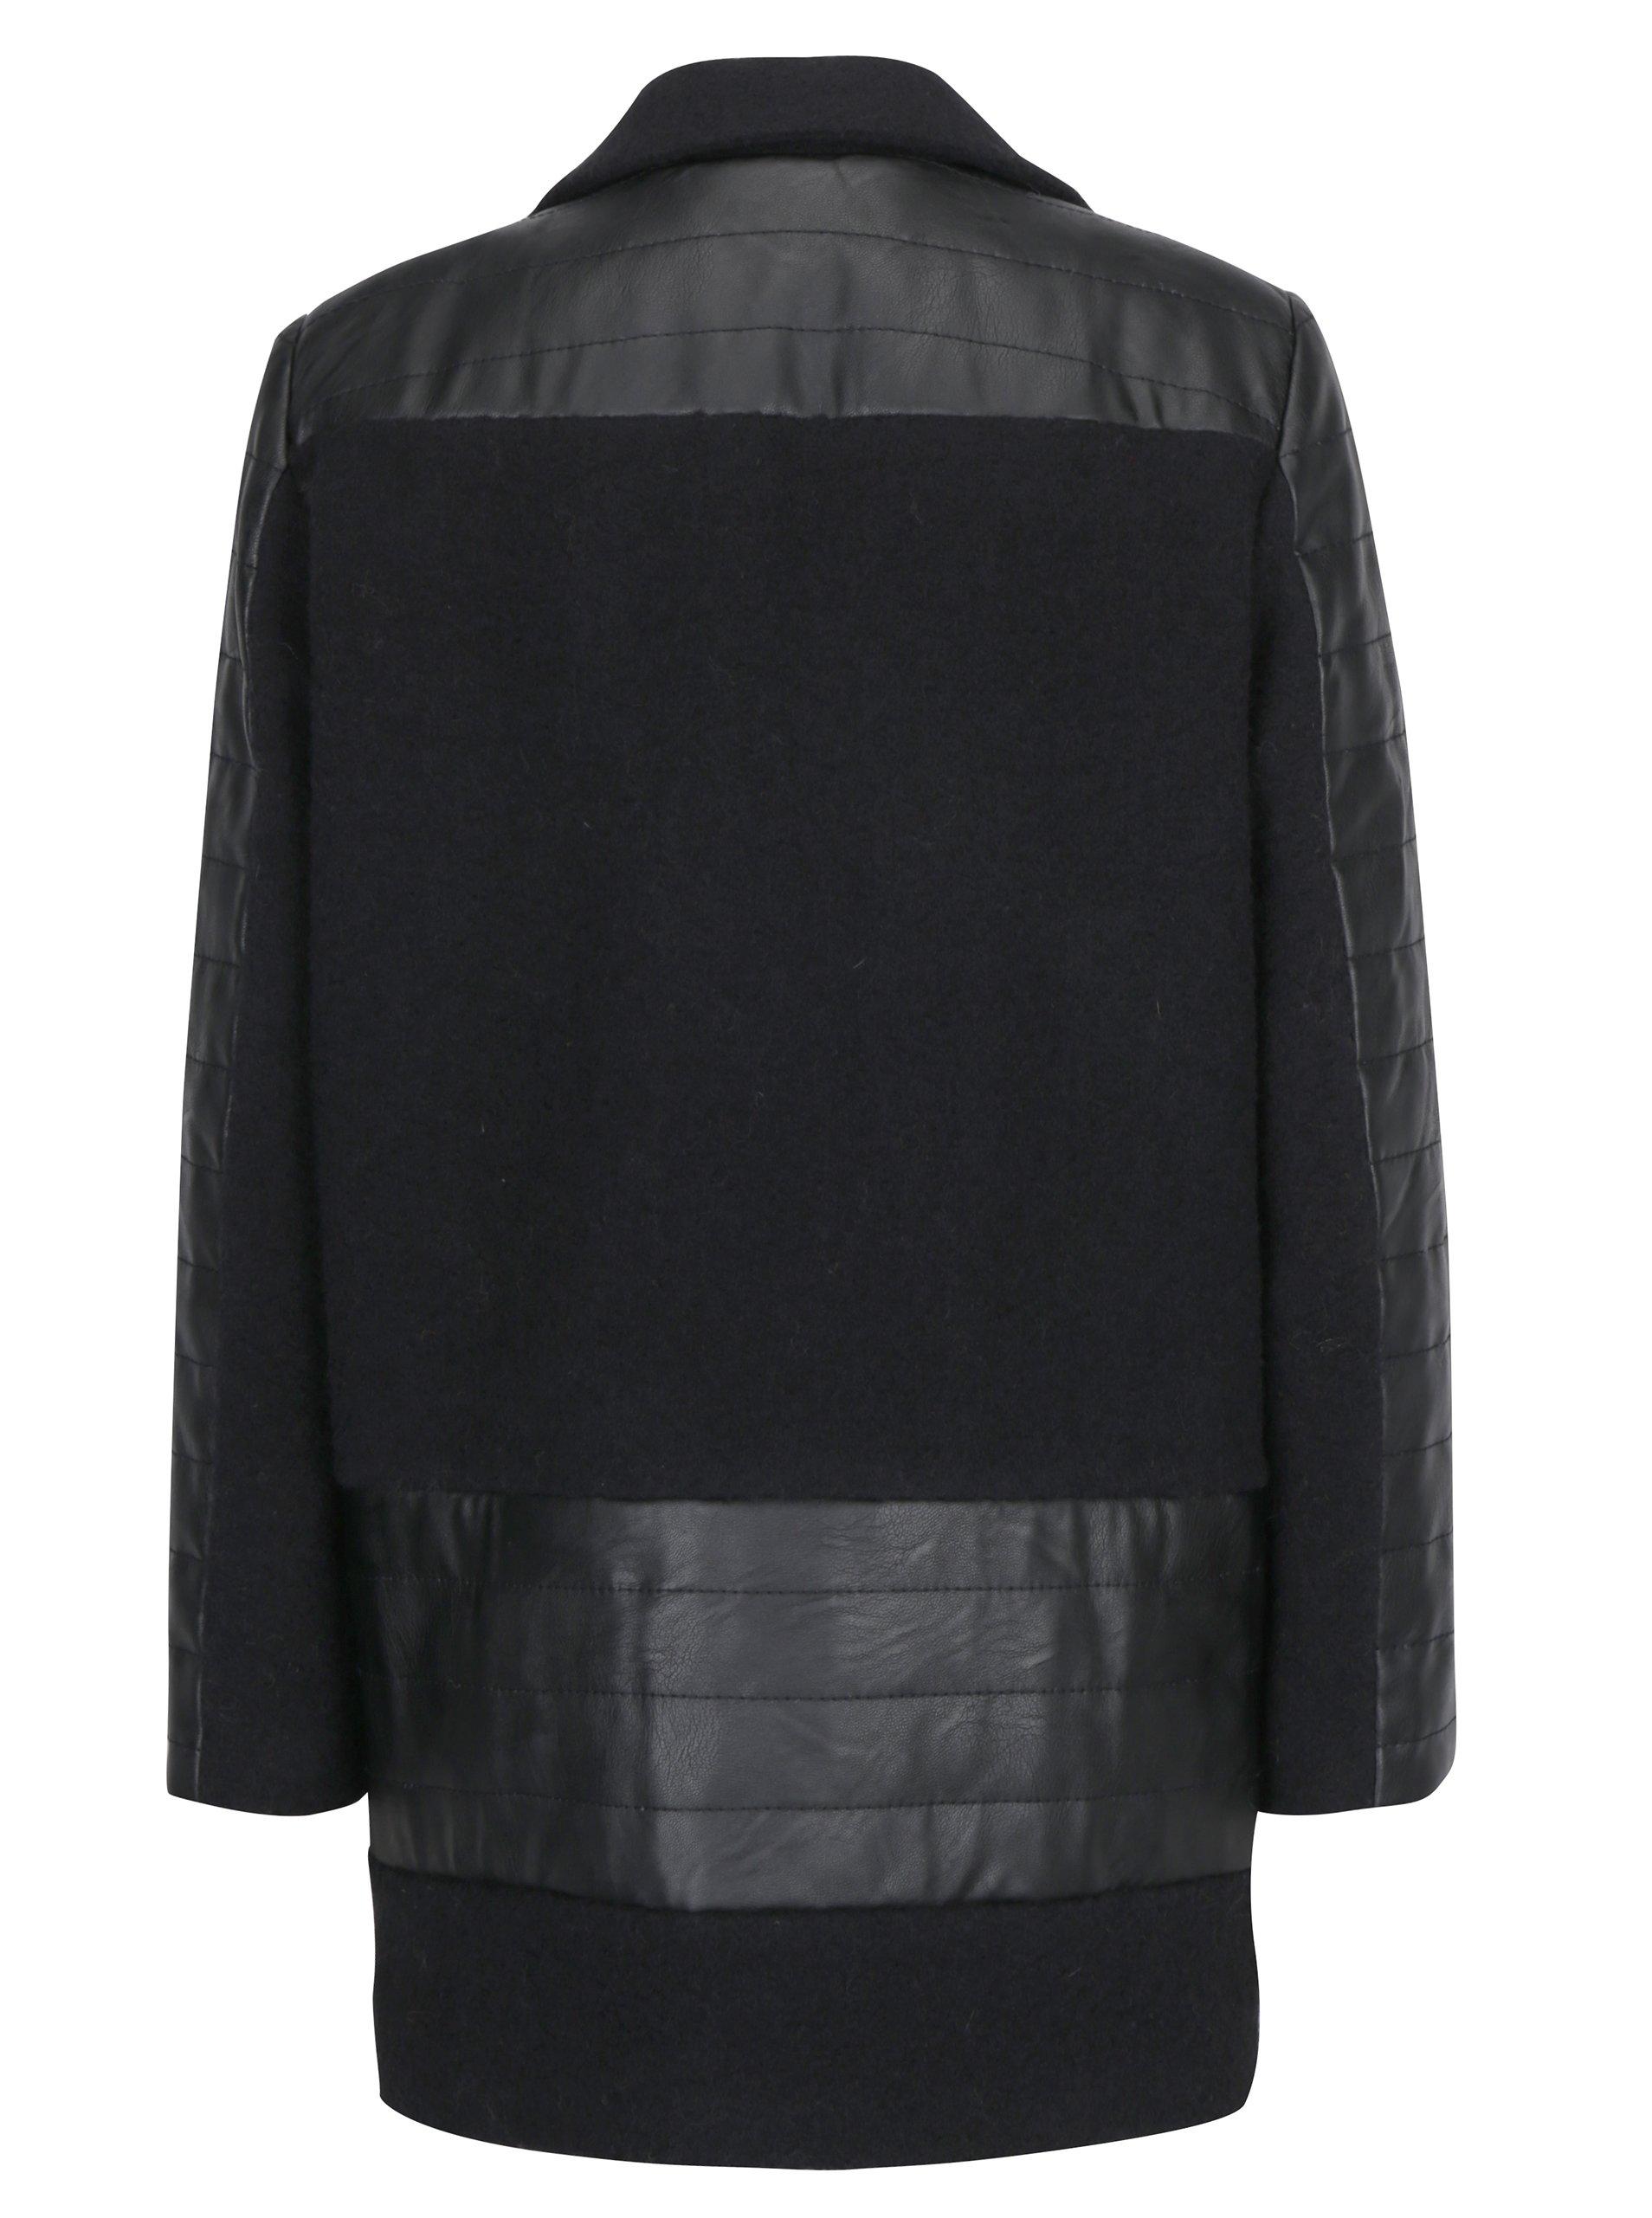 Černý zimní vlněný kabát Kvinna - eleganter.cz 1f6a45af511